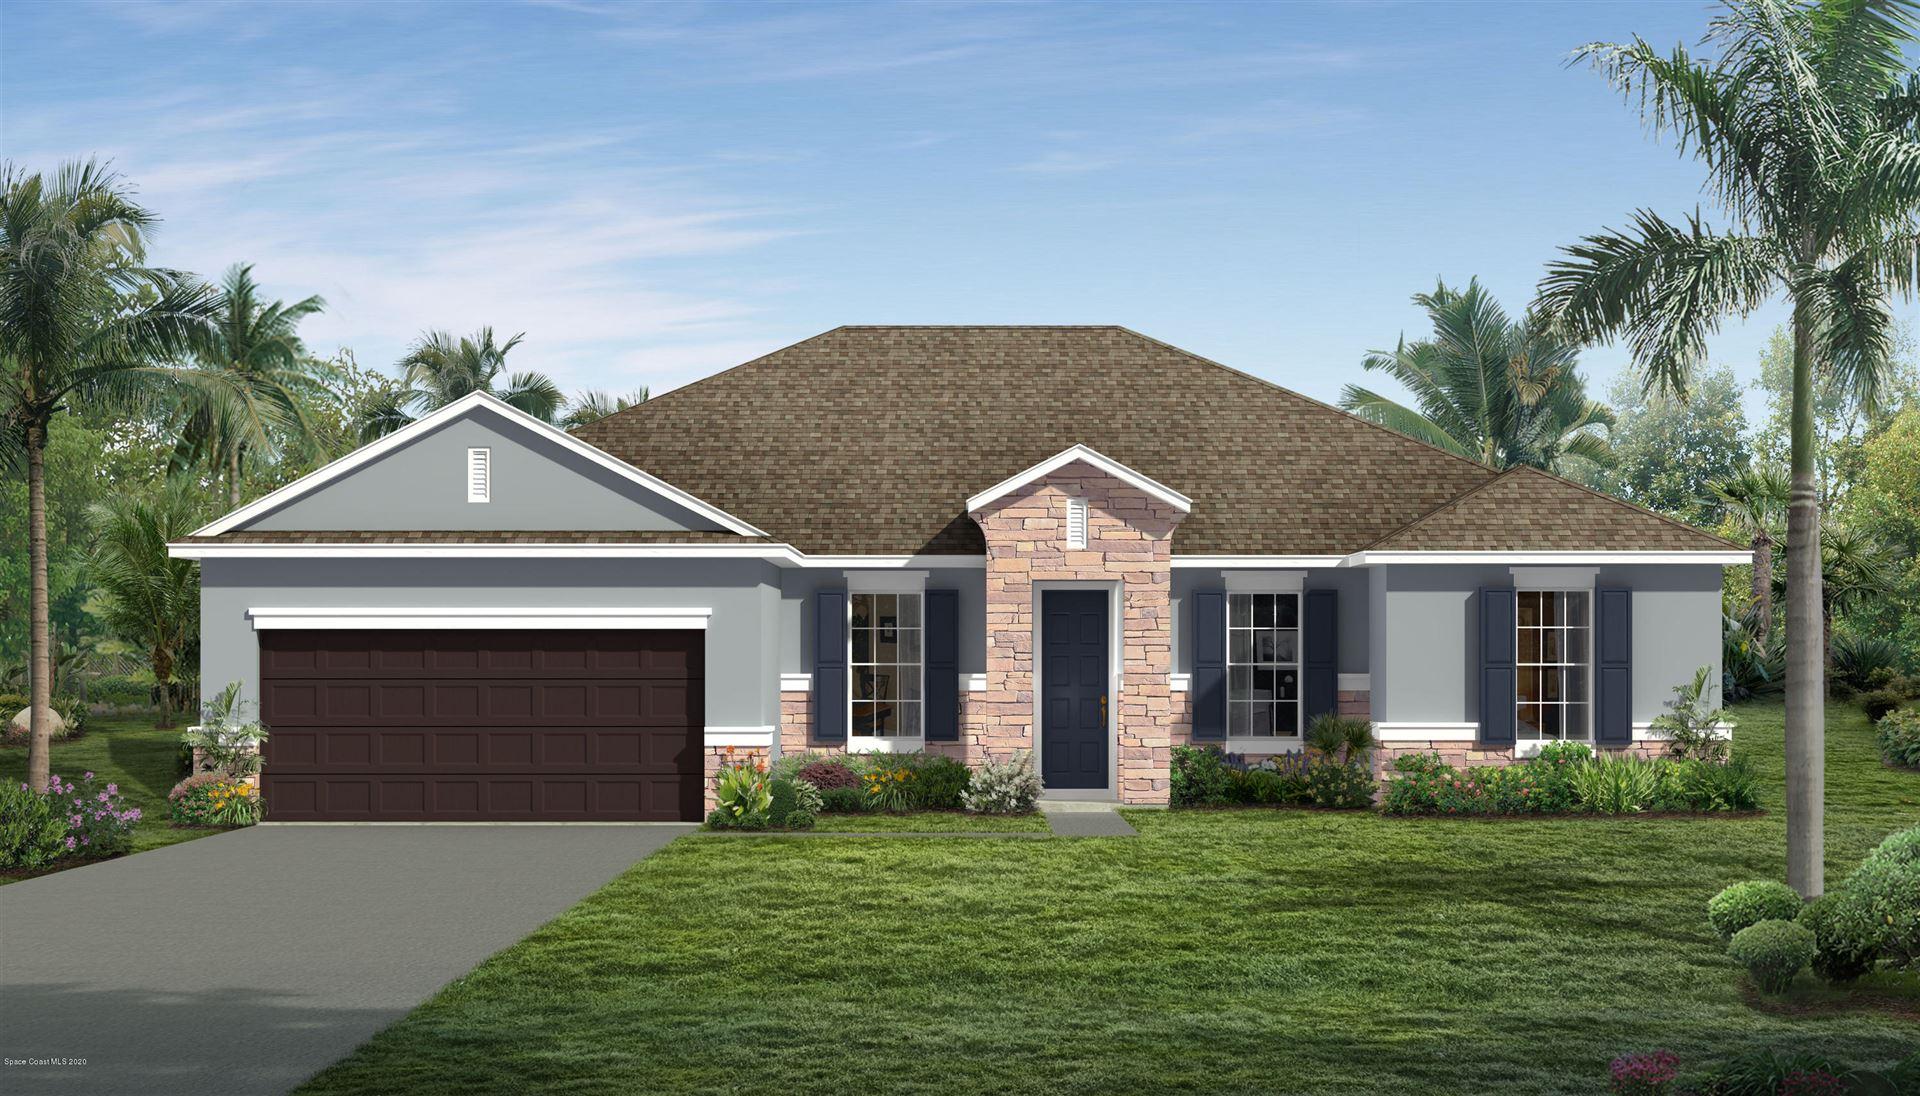 478 Breakwater Street, Palm Bay, FL 32909 - #: 890487